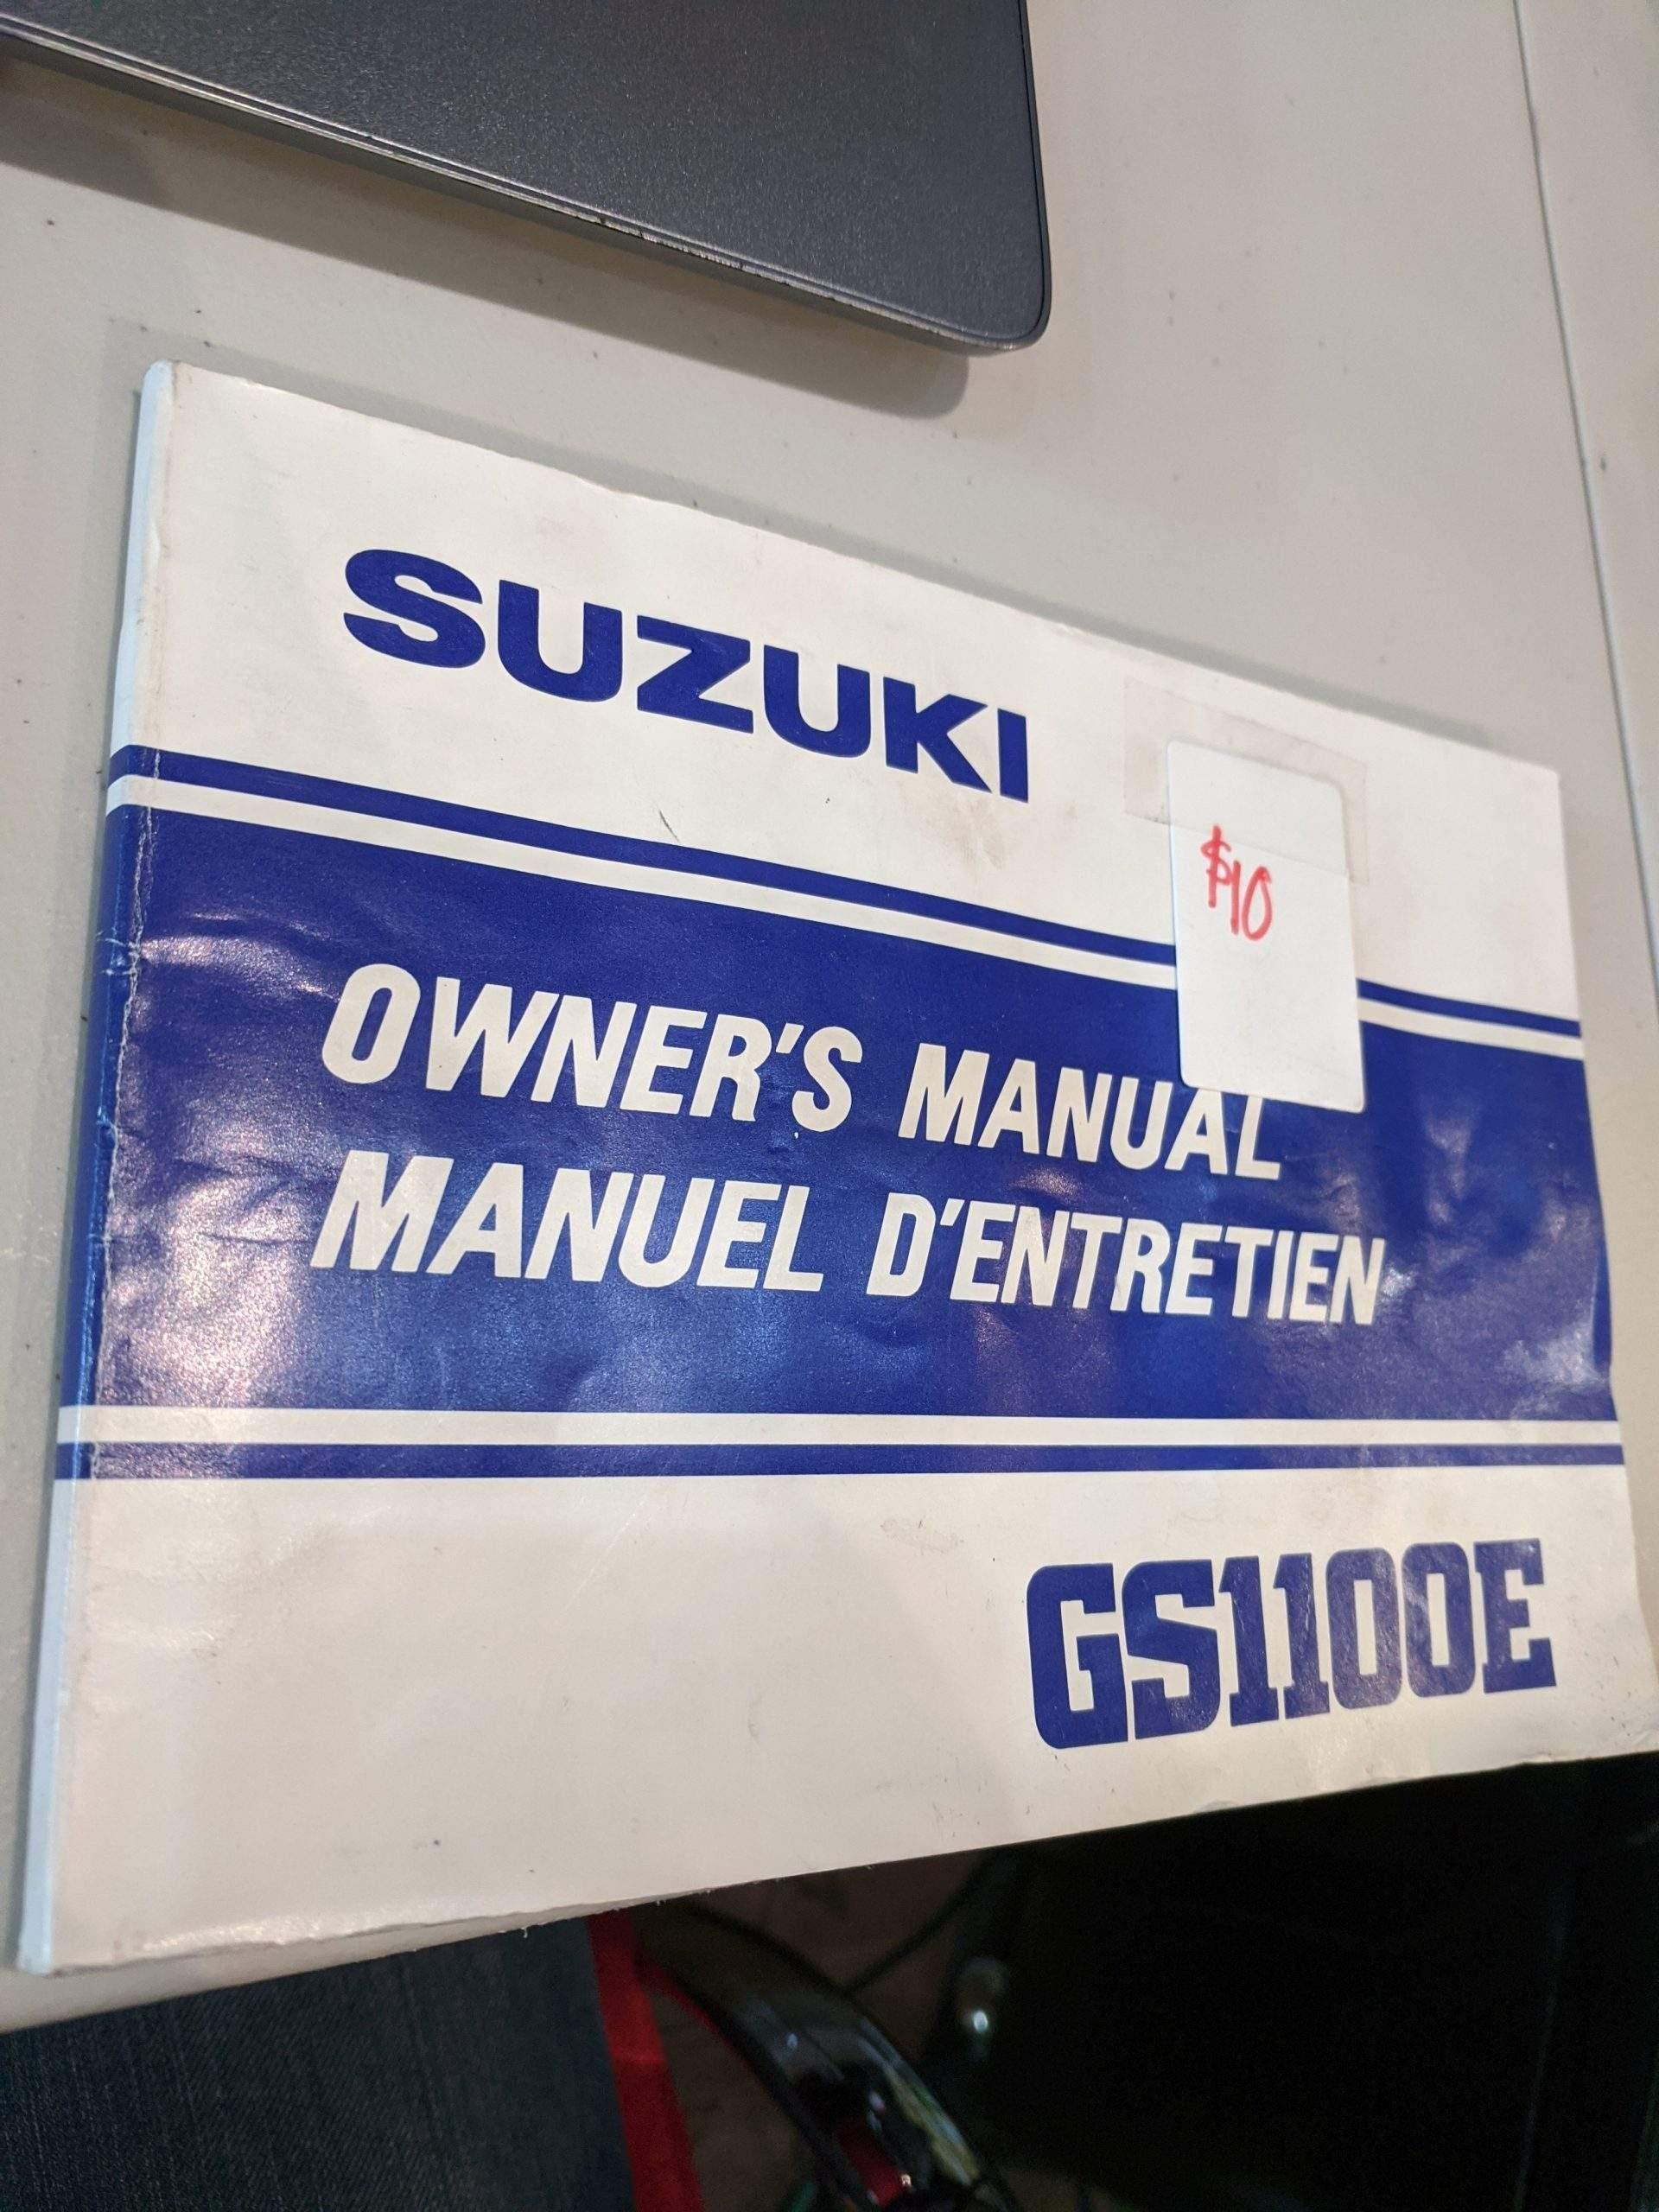 SUZUKI Book ACCESSORY 9900